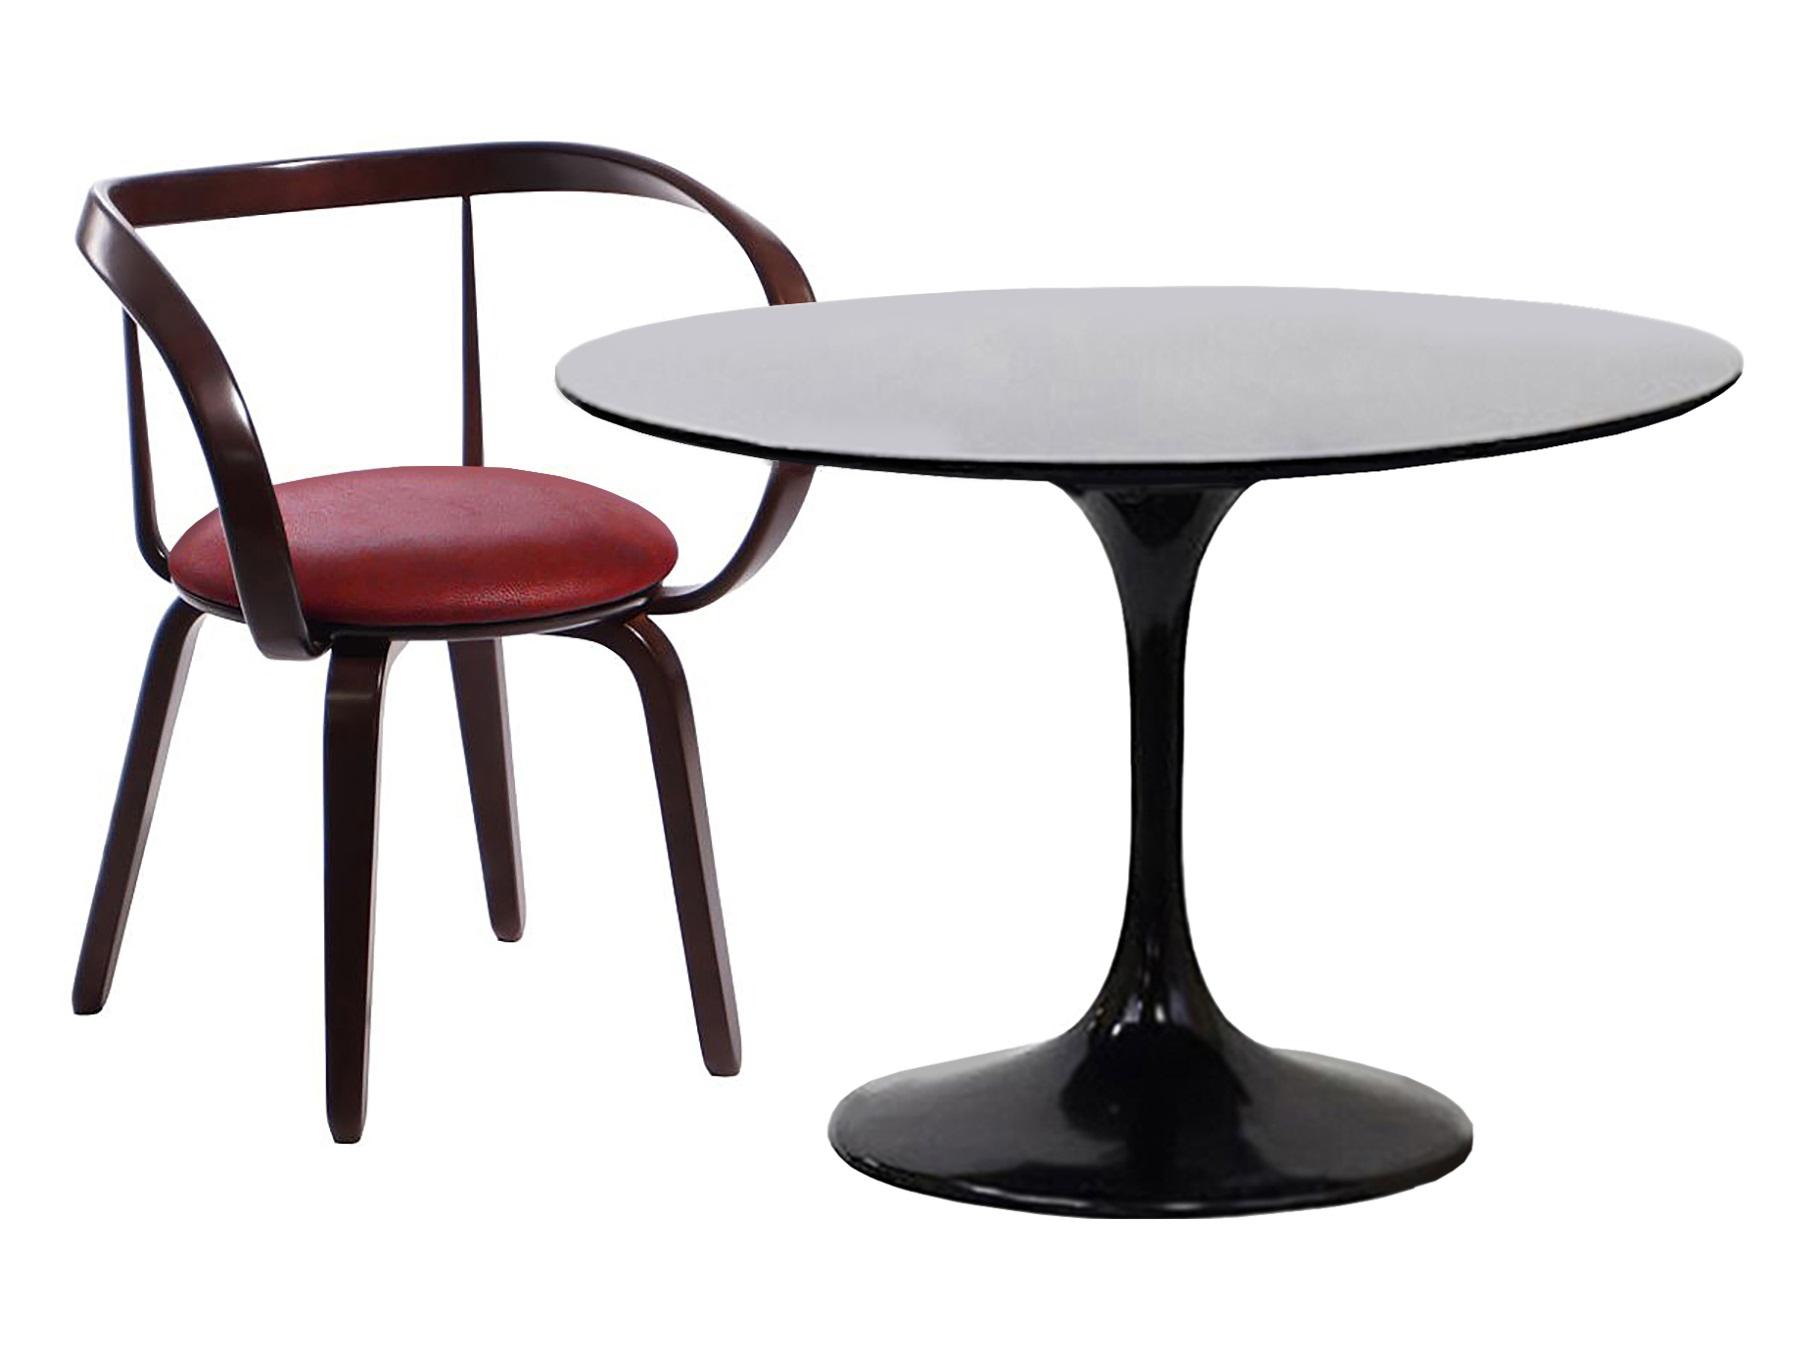 Обеденная группа Apriori TКомплекты для столовой<br>Обеденный круглый стол с лаконичным основанием из акрилового камня. <br>Стол в комплекте со стульями серии  Априори L. Такой яркий деревянный стул будет актуален для современного интерьера или стиля лофт. Он отлично подойдёт для дома, лоджии, сада, а также для кафе и баров.Размеры стола : 90/77 см.&amp;nbsp;Материал стола: акриловый камень&amp;nbsp;Размеры стула: 73х53х83см.&amp;nbsp;Материал стула: массив березы.<br><br>kit: None<br>gender: None